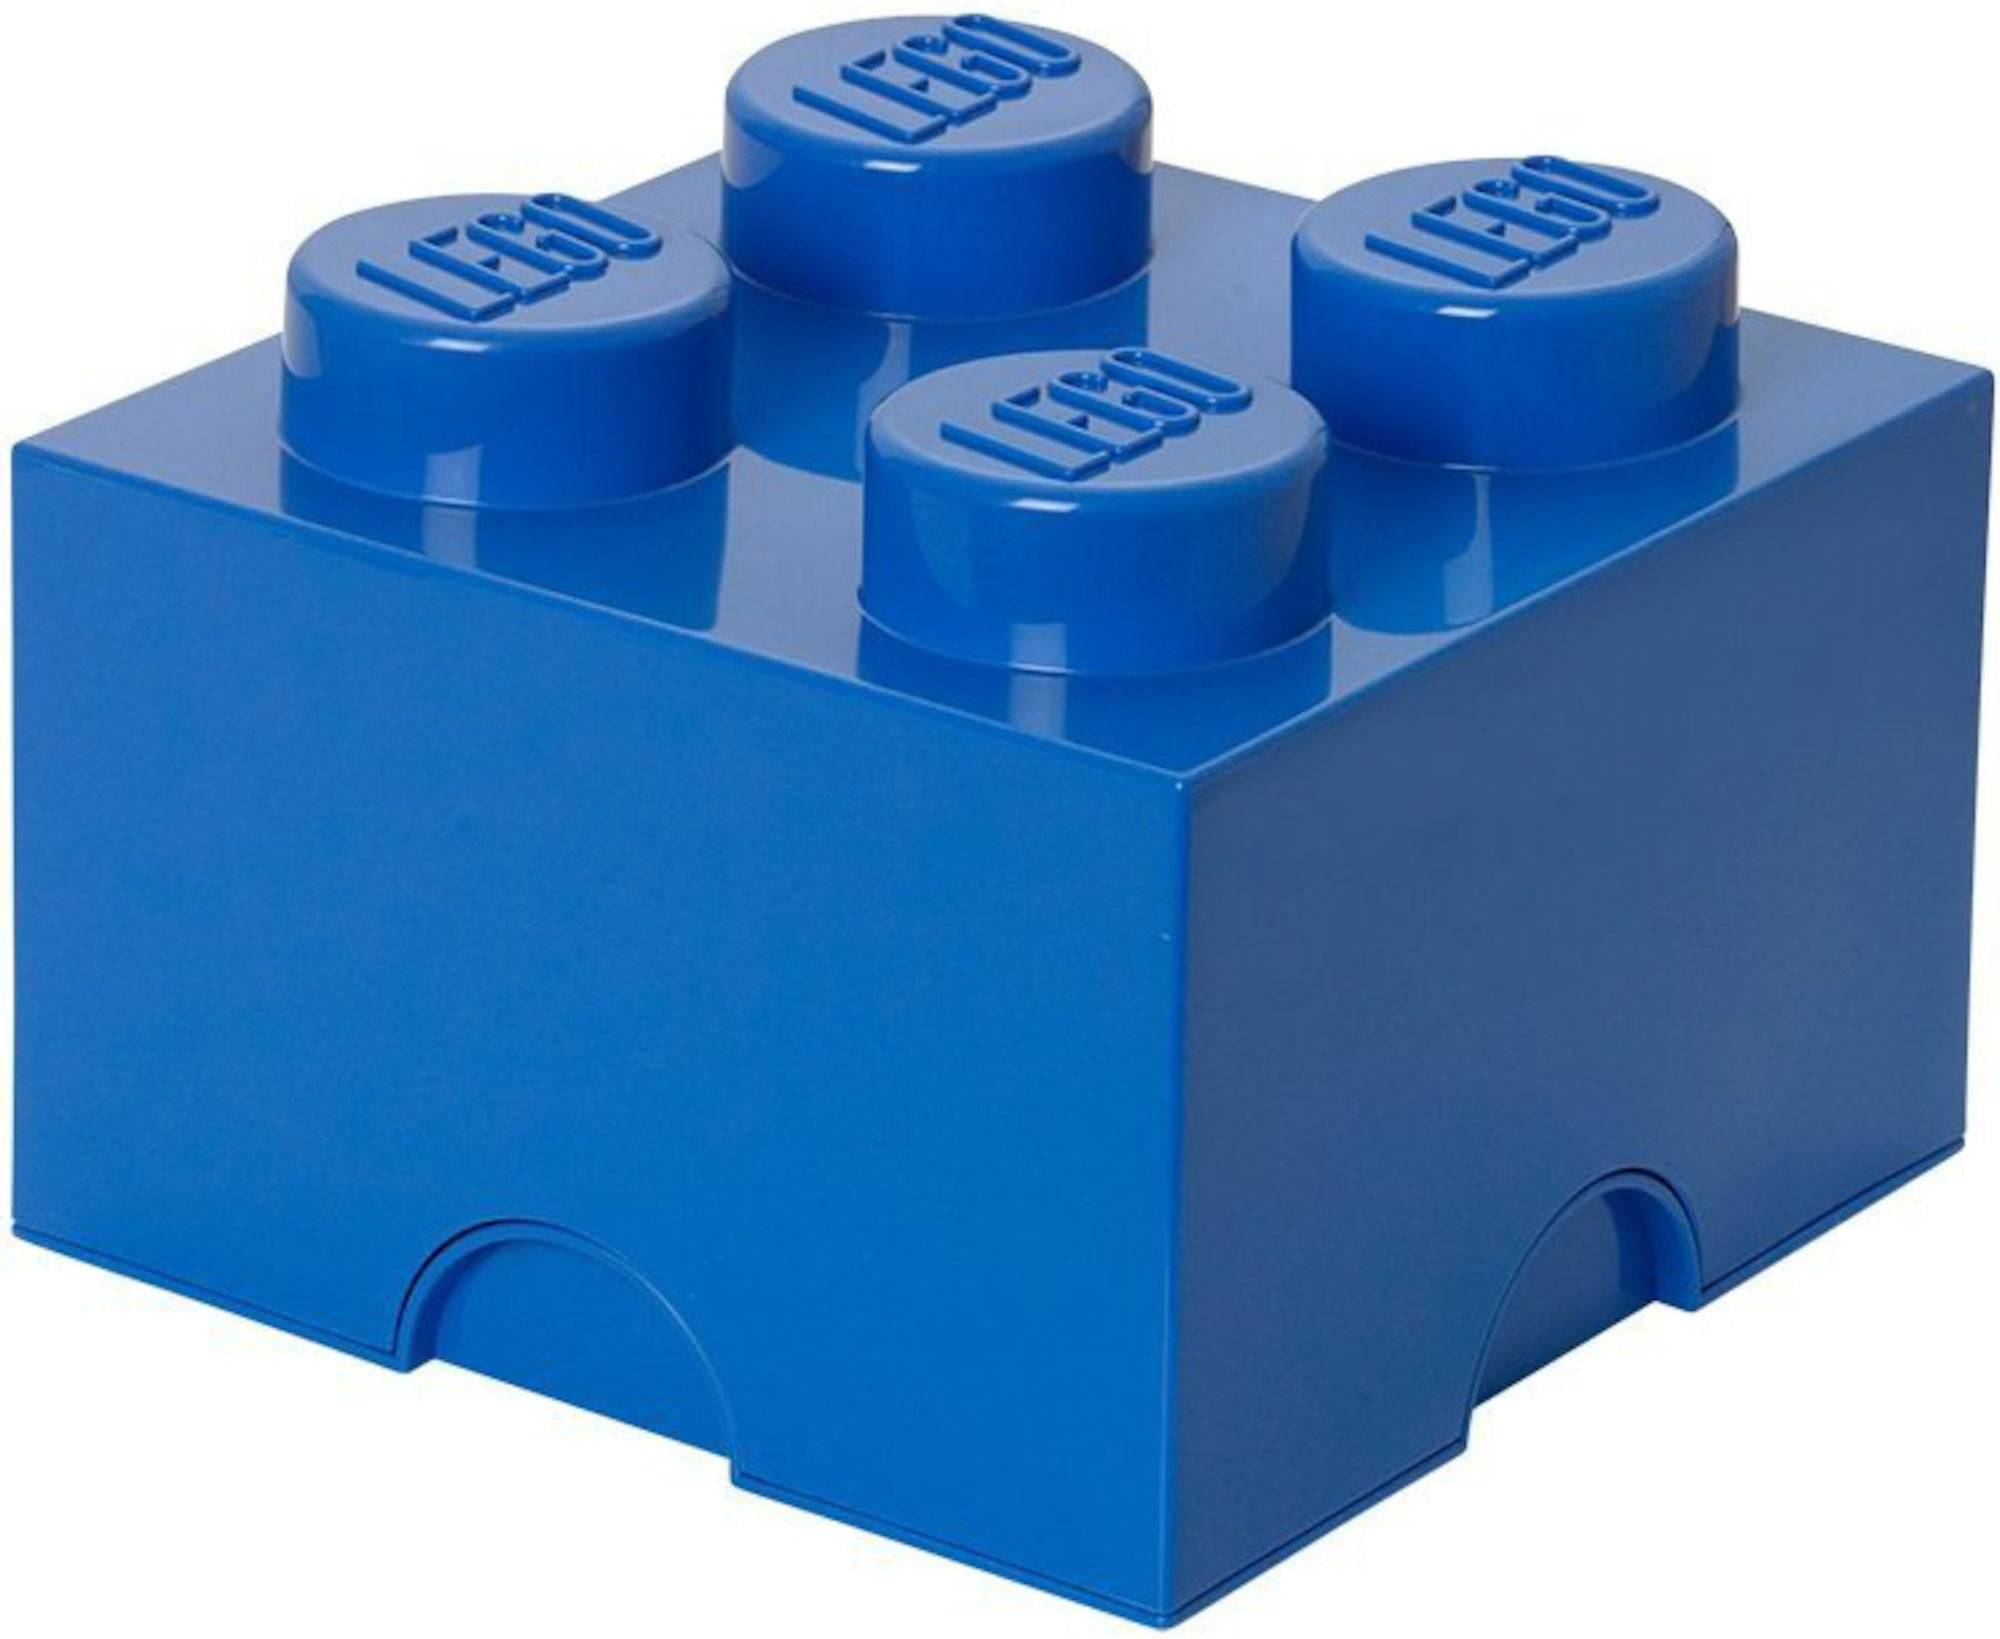 Lego Oppbevaring 4 Blå